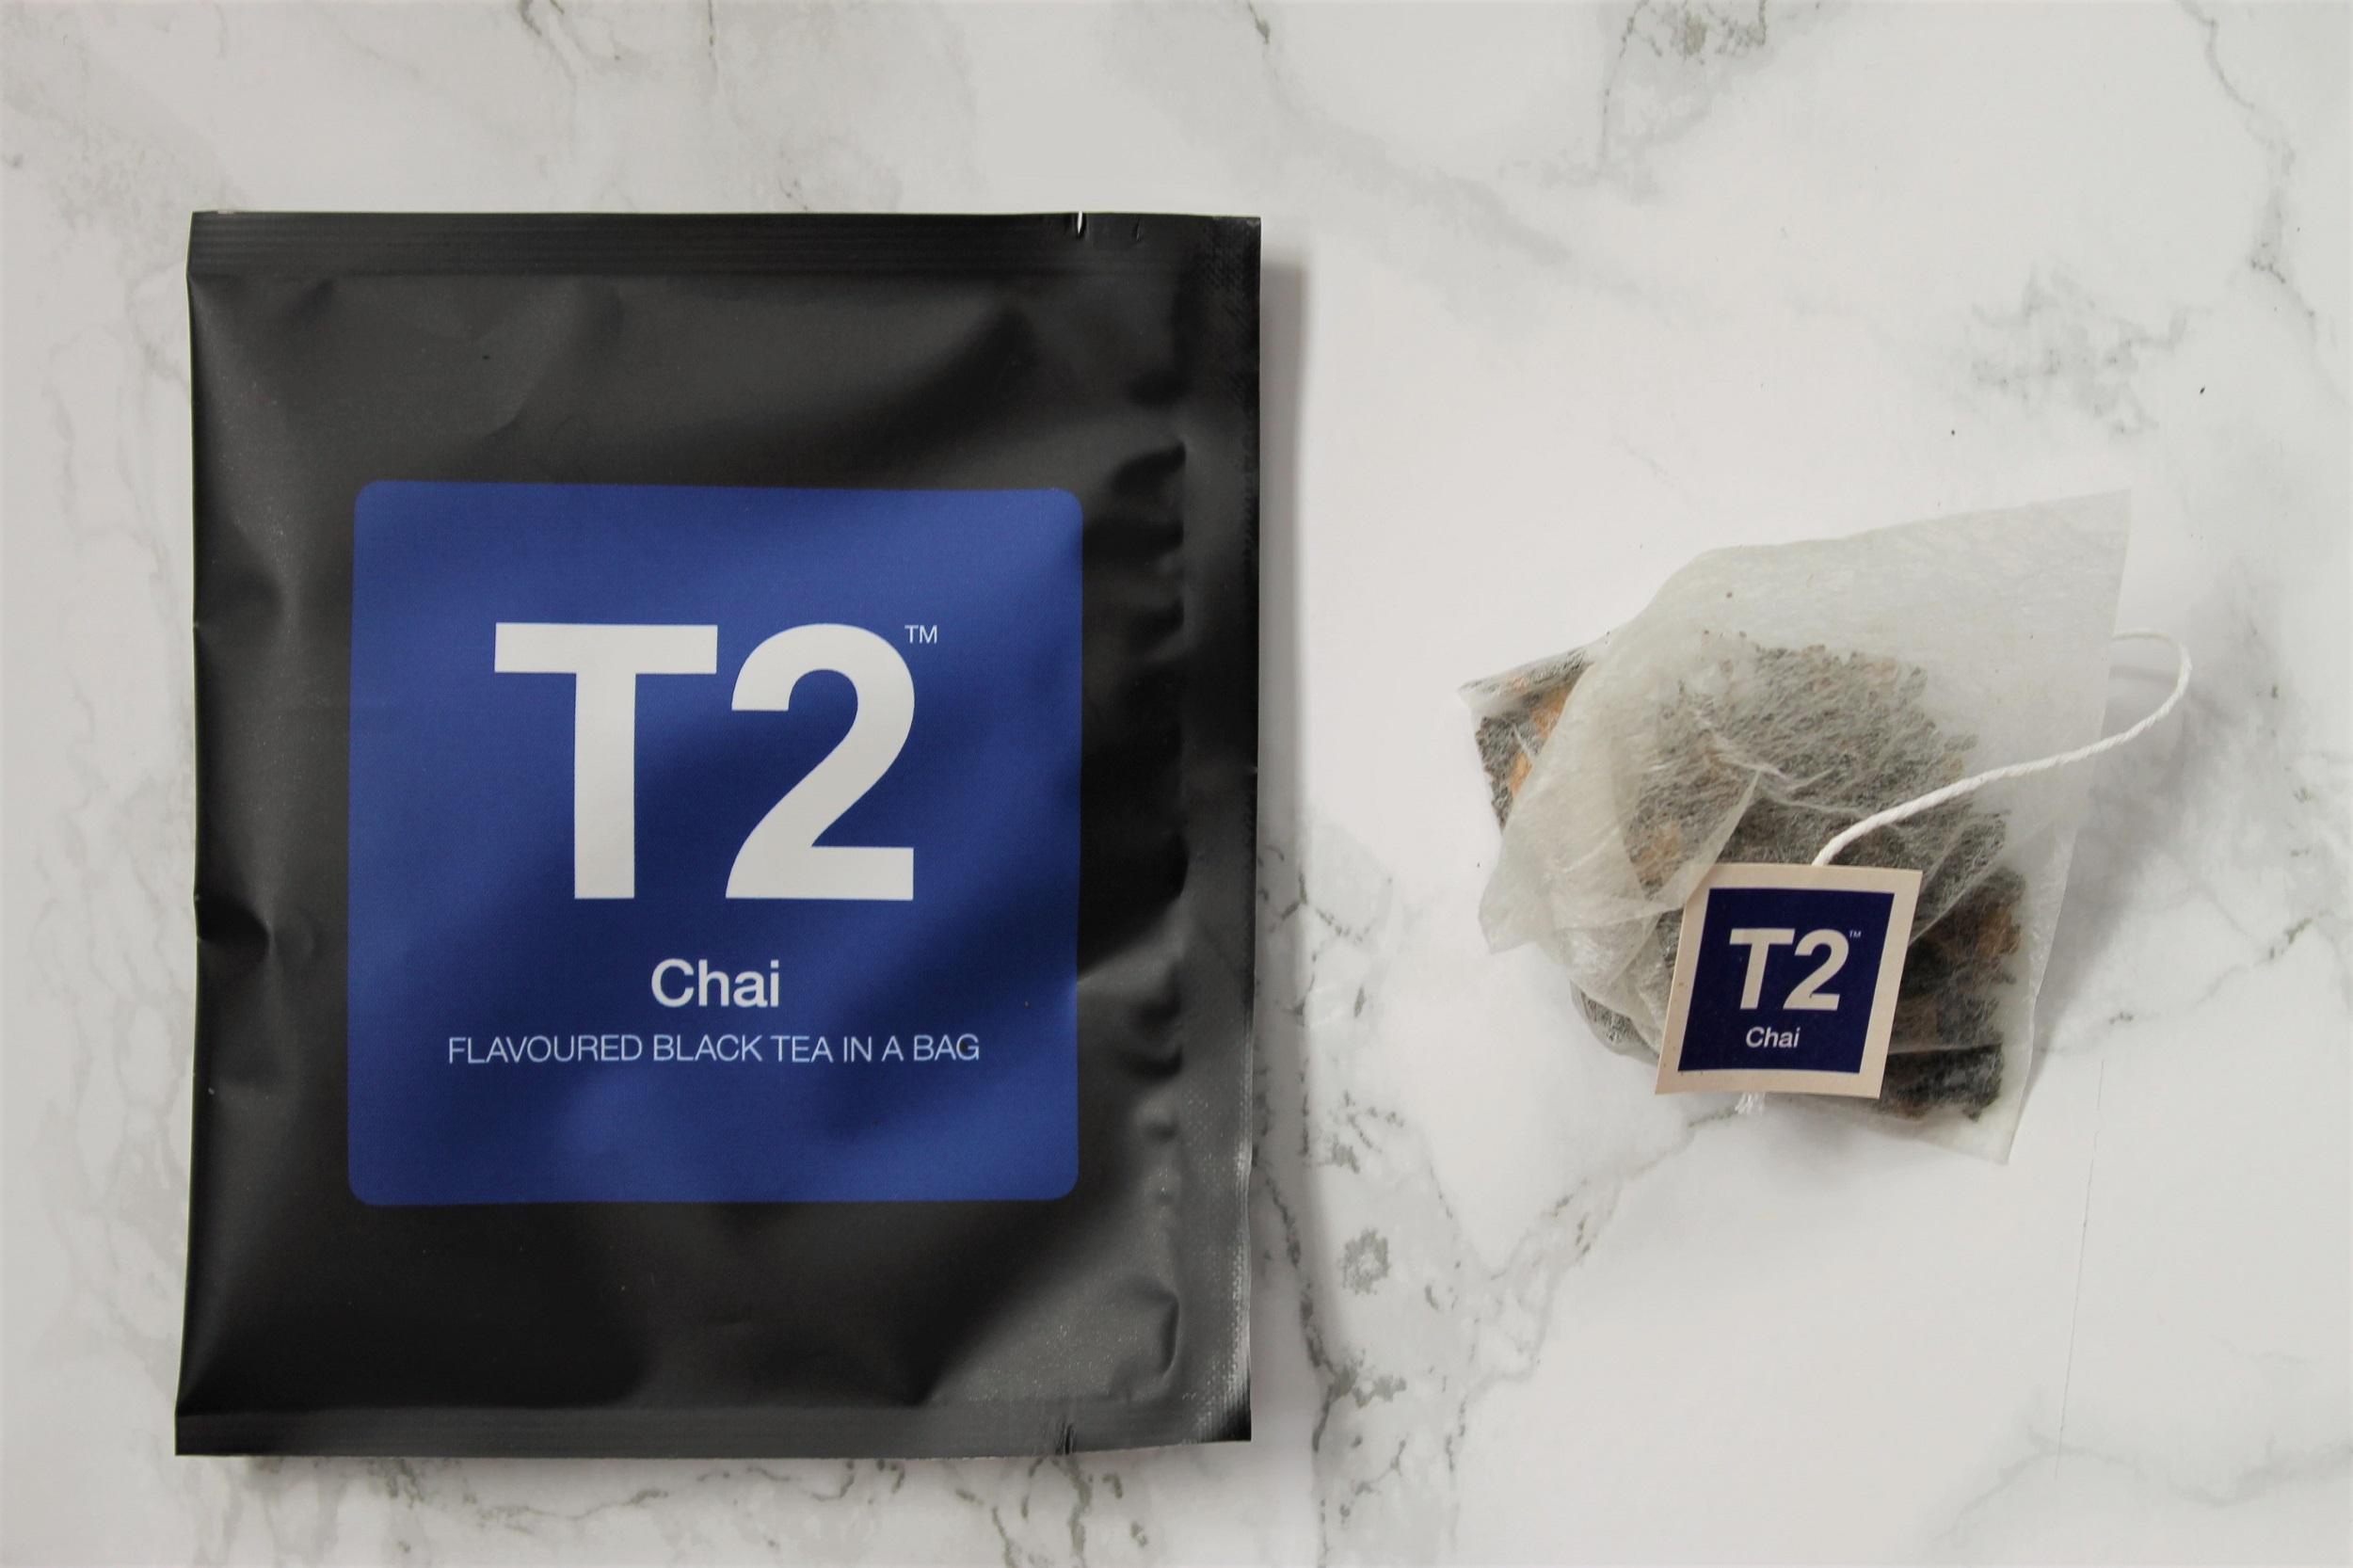 t2 chai tea bags